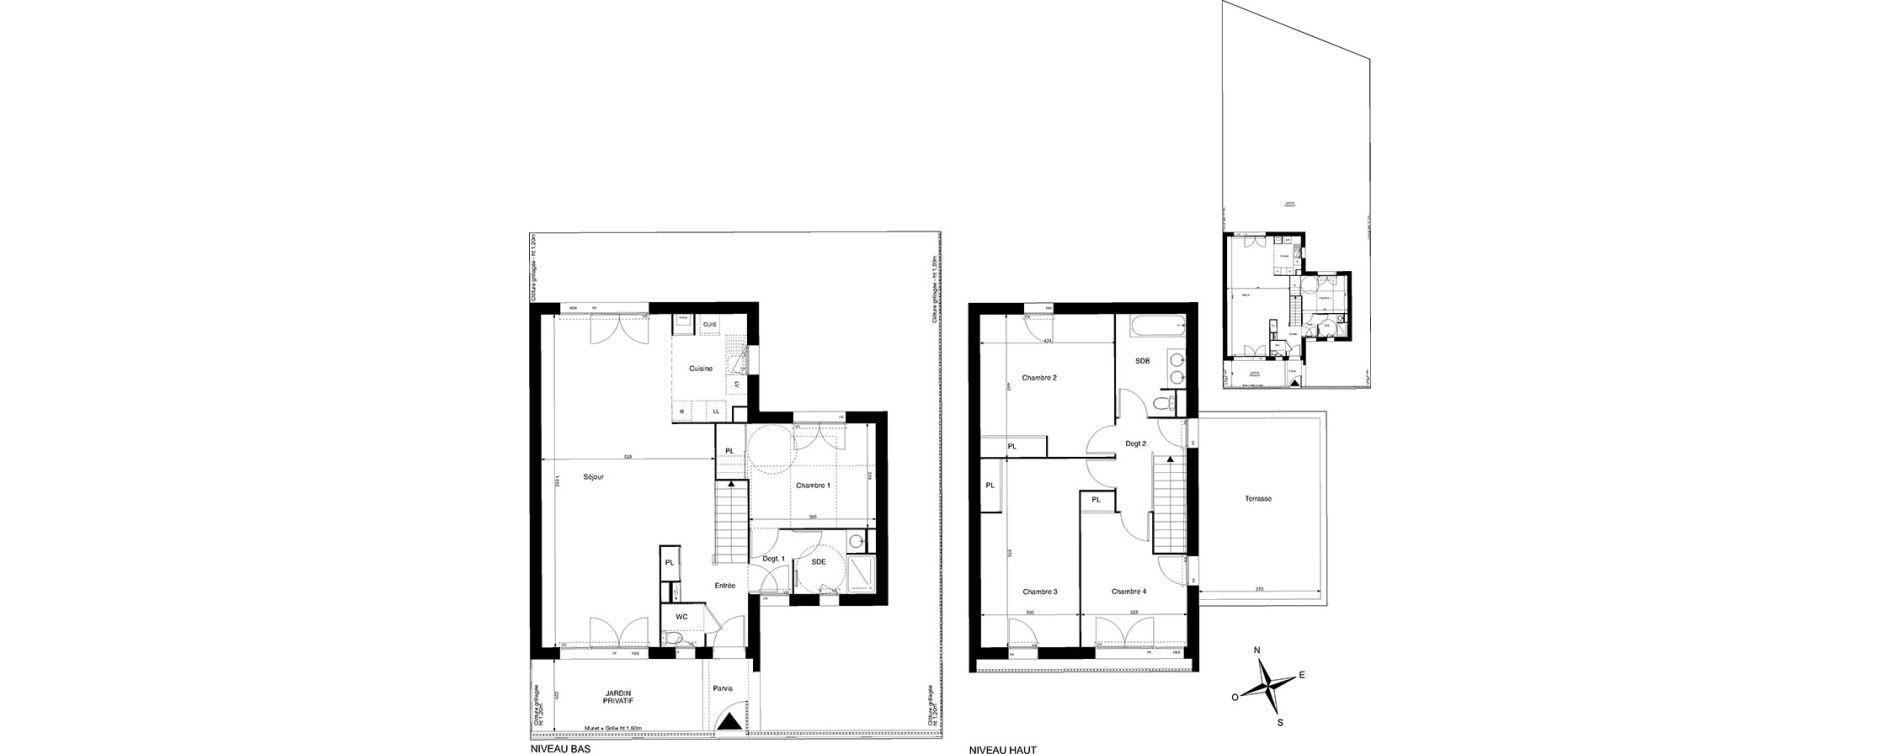 Maison T5 de 139.14m2 1er étage S Dialogue La Rochelle ref 363